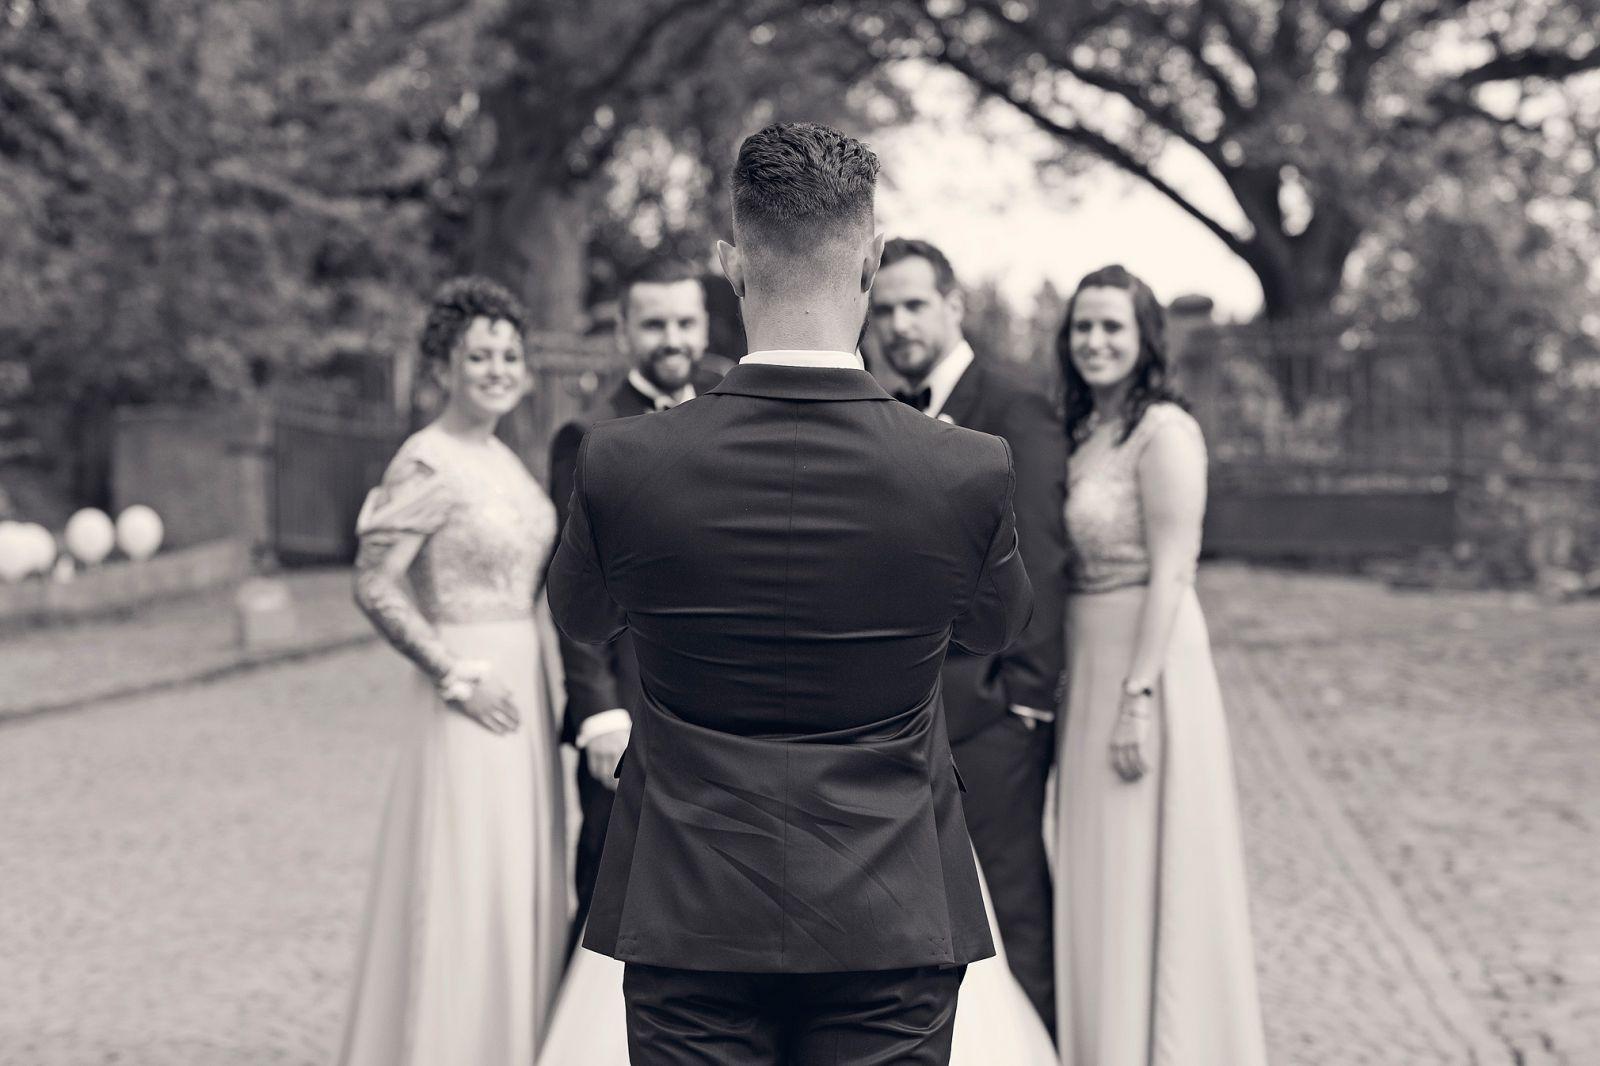 gruppenbilder sektempfang obermühle langenselbold heiraten in frankfurt freie trauung taunus hochzeitsfotografin hochzeitsreportage